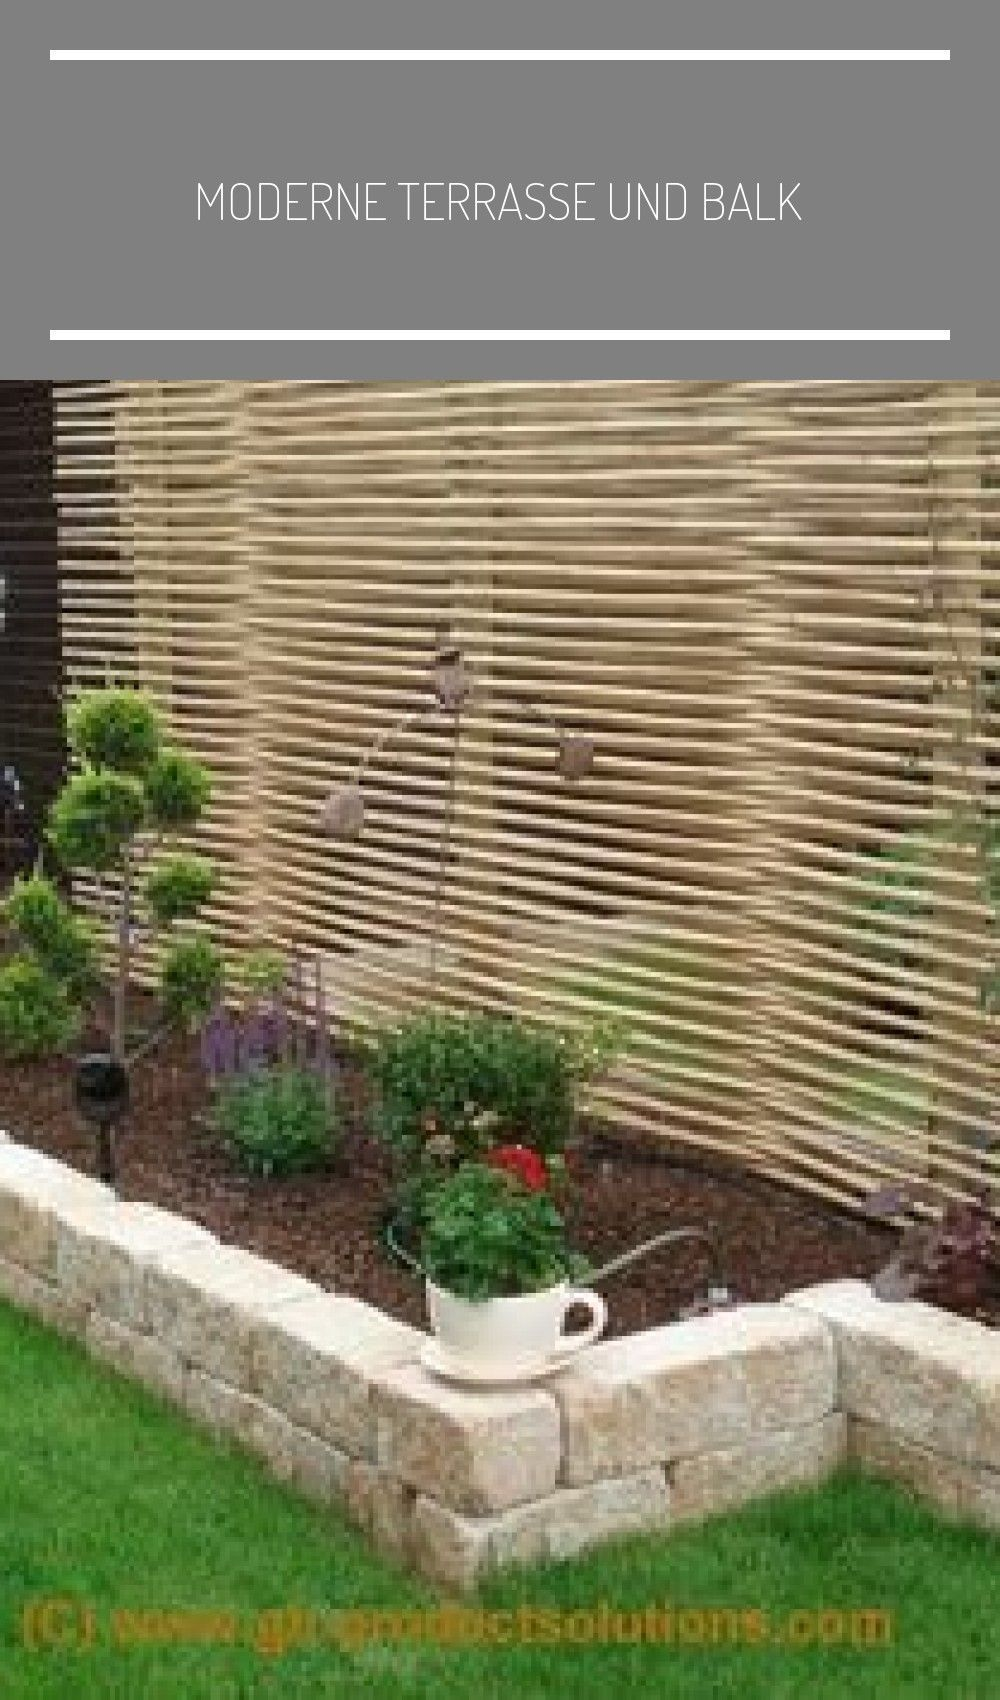 Moderne Terrasse Und Balkon Garten Idee Garten Sichtschutz Terrasse Gunstig Neu 2020 Garten Balkon